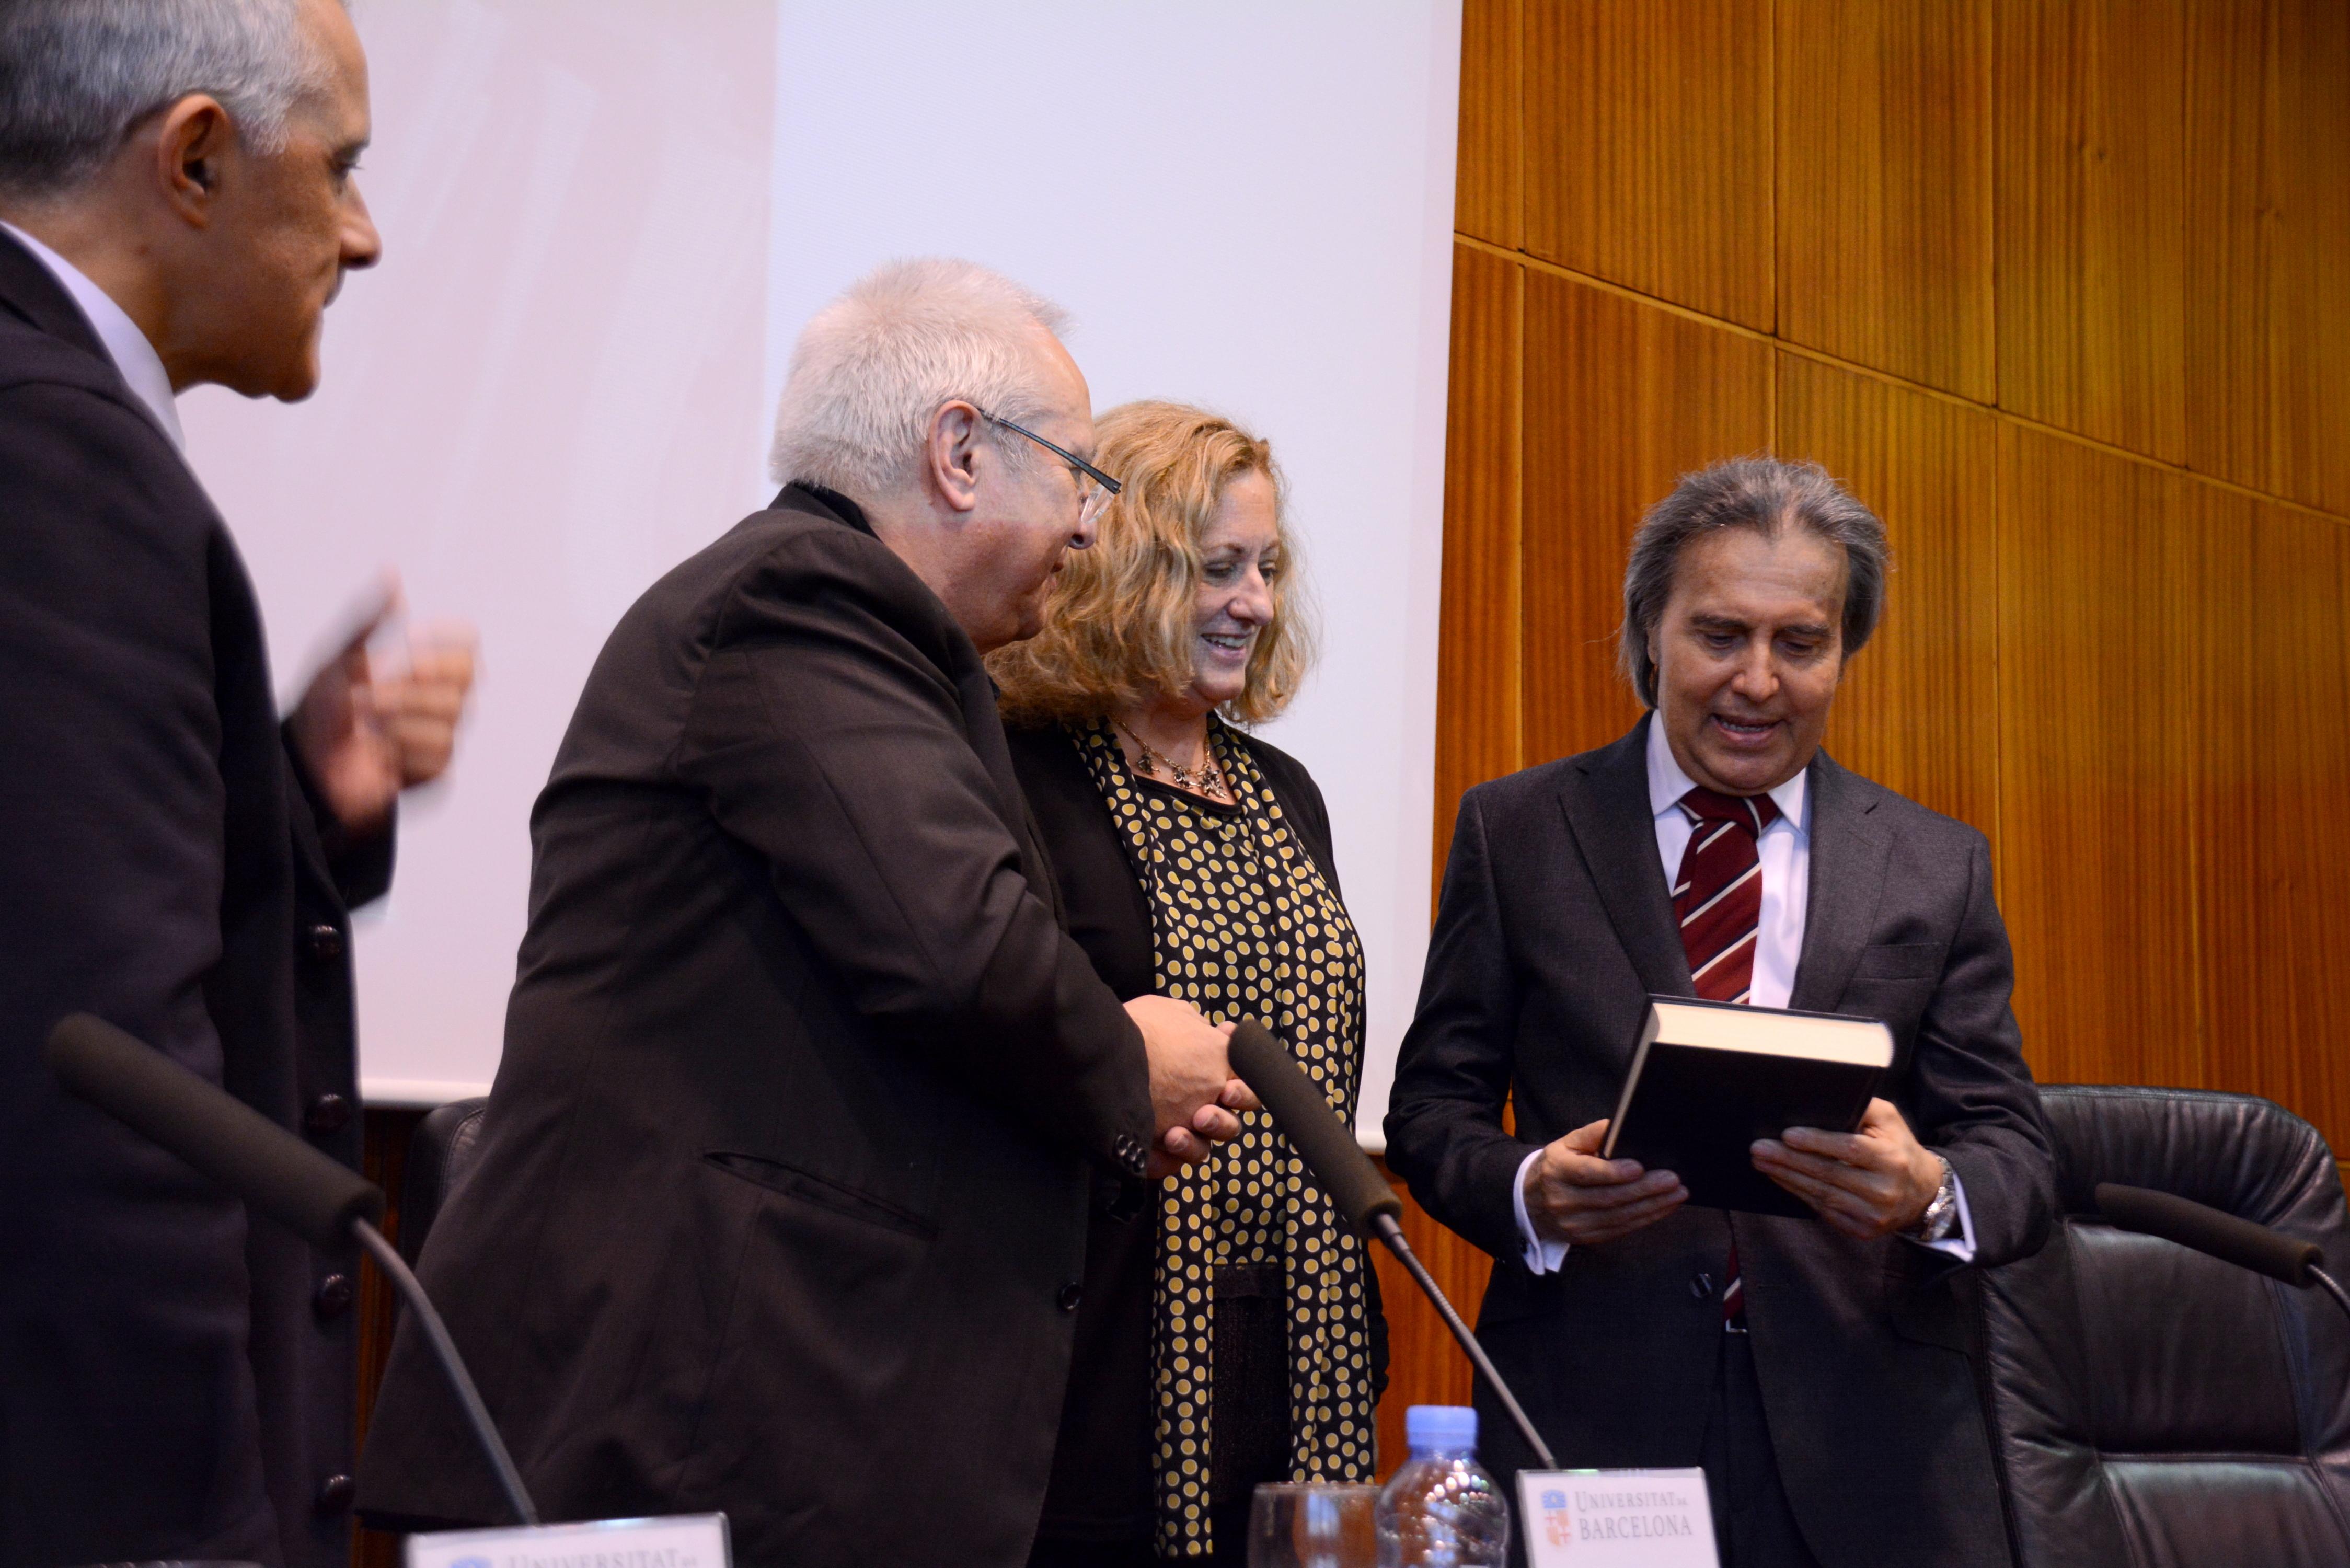 Los directores de las jornadas hacen entrega del Libro Homenaje al Prof. Dr. Dr. h.c. mult. Mir Puig*